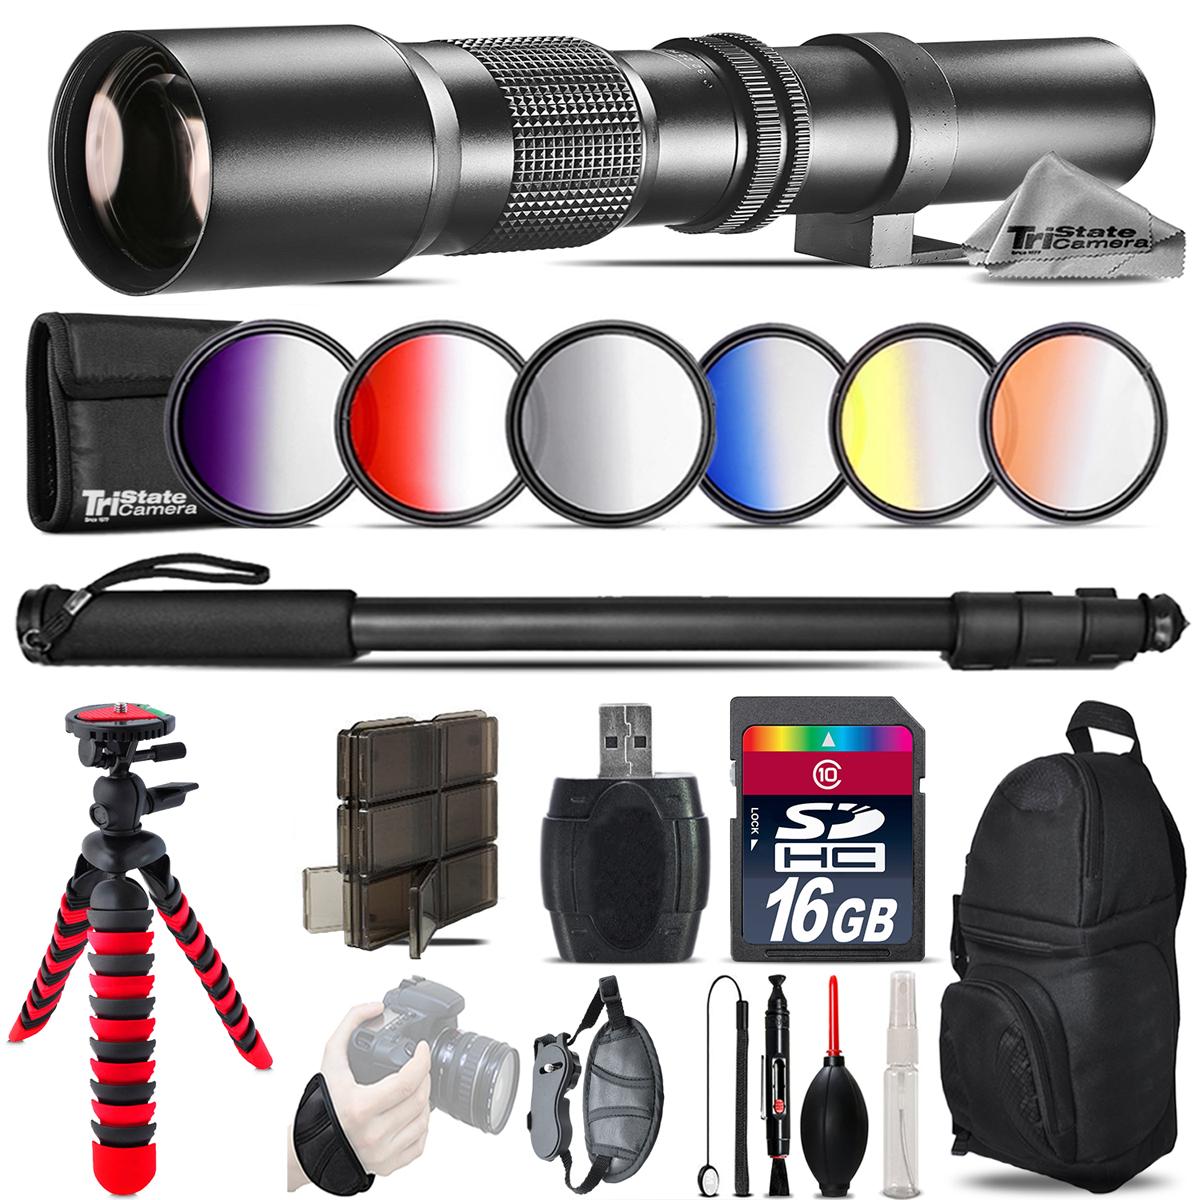 500mm Telephoto Lens for Nikon D5600 D7500 + Flexible Tripod & More - 16GB Kit